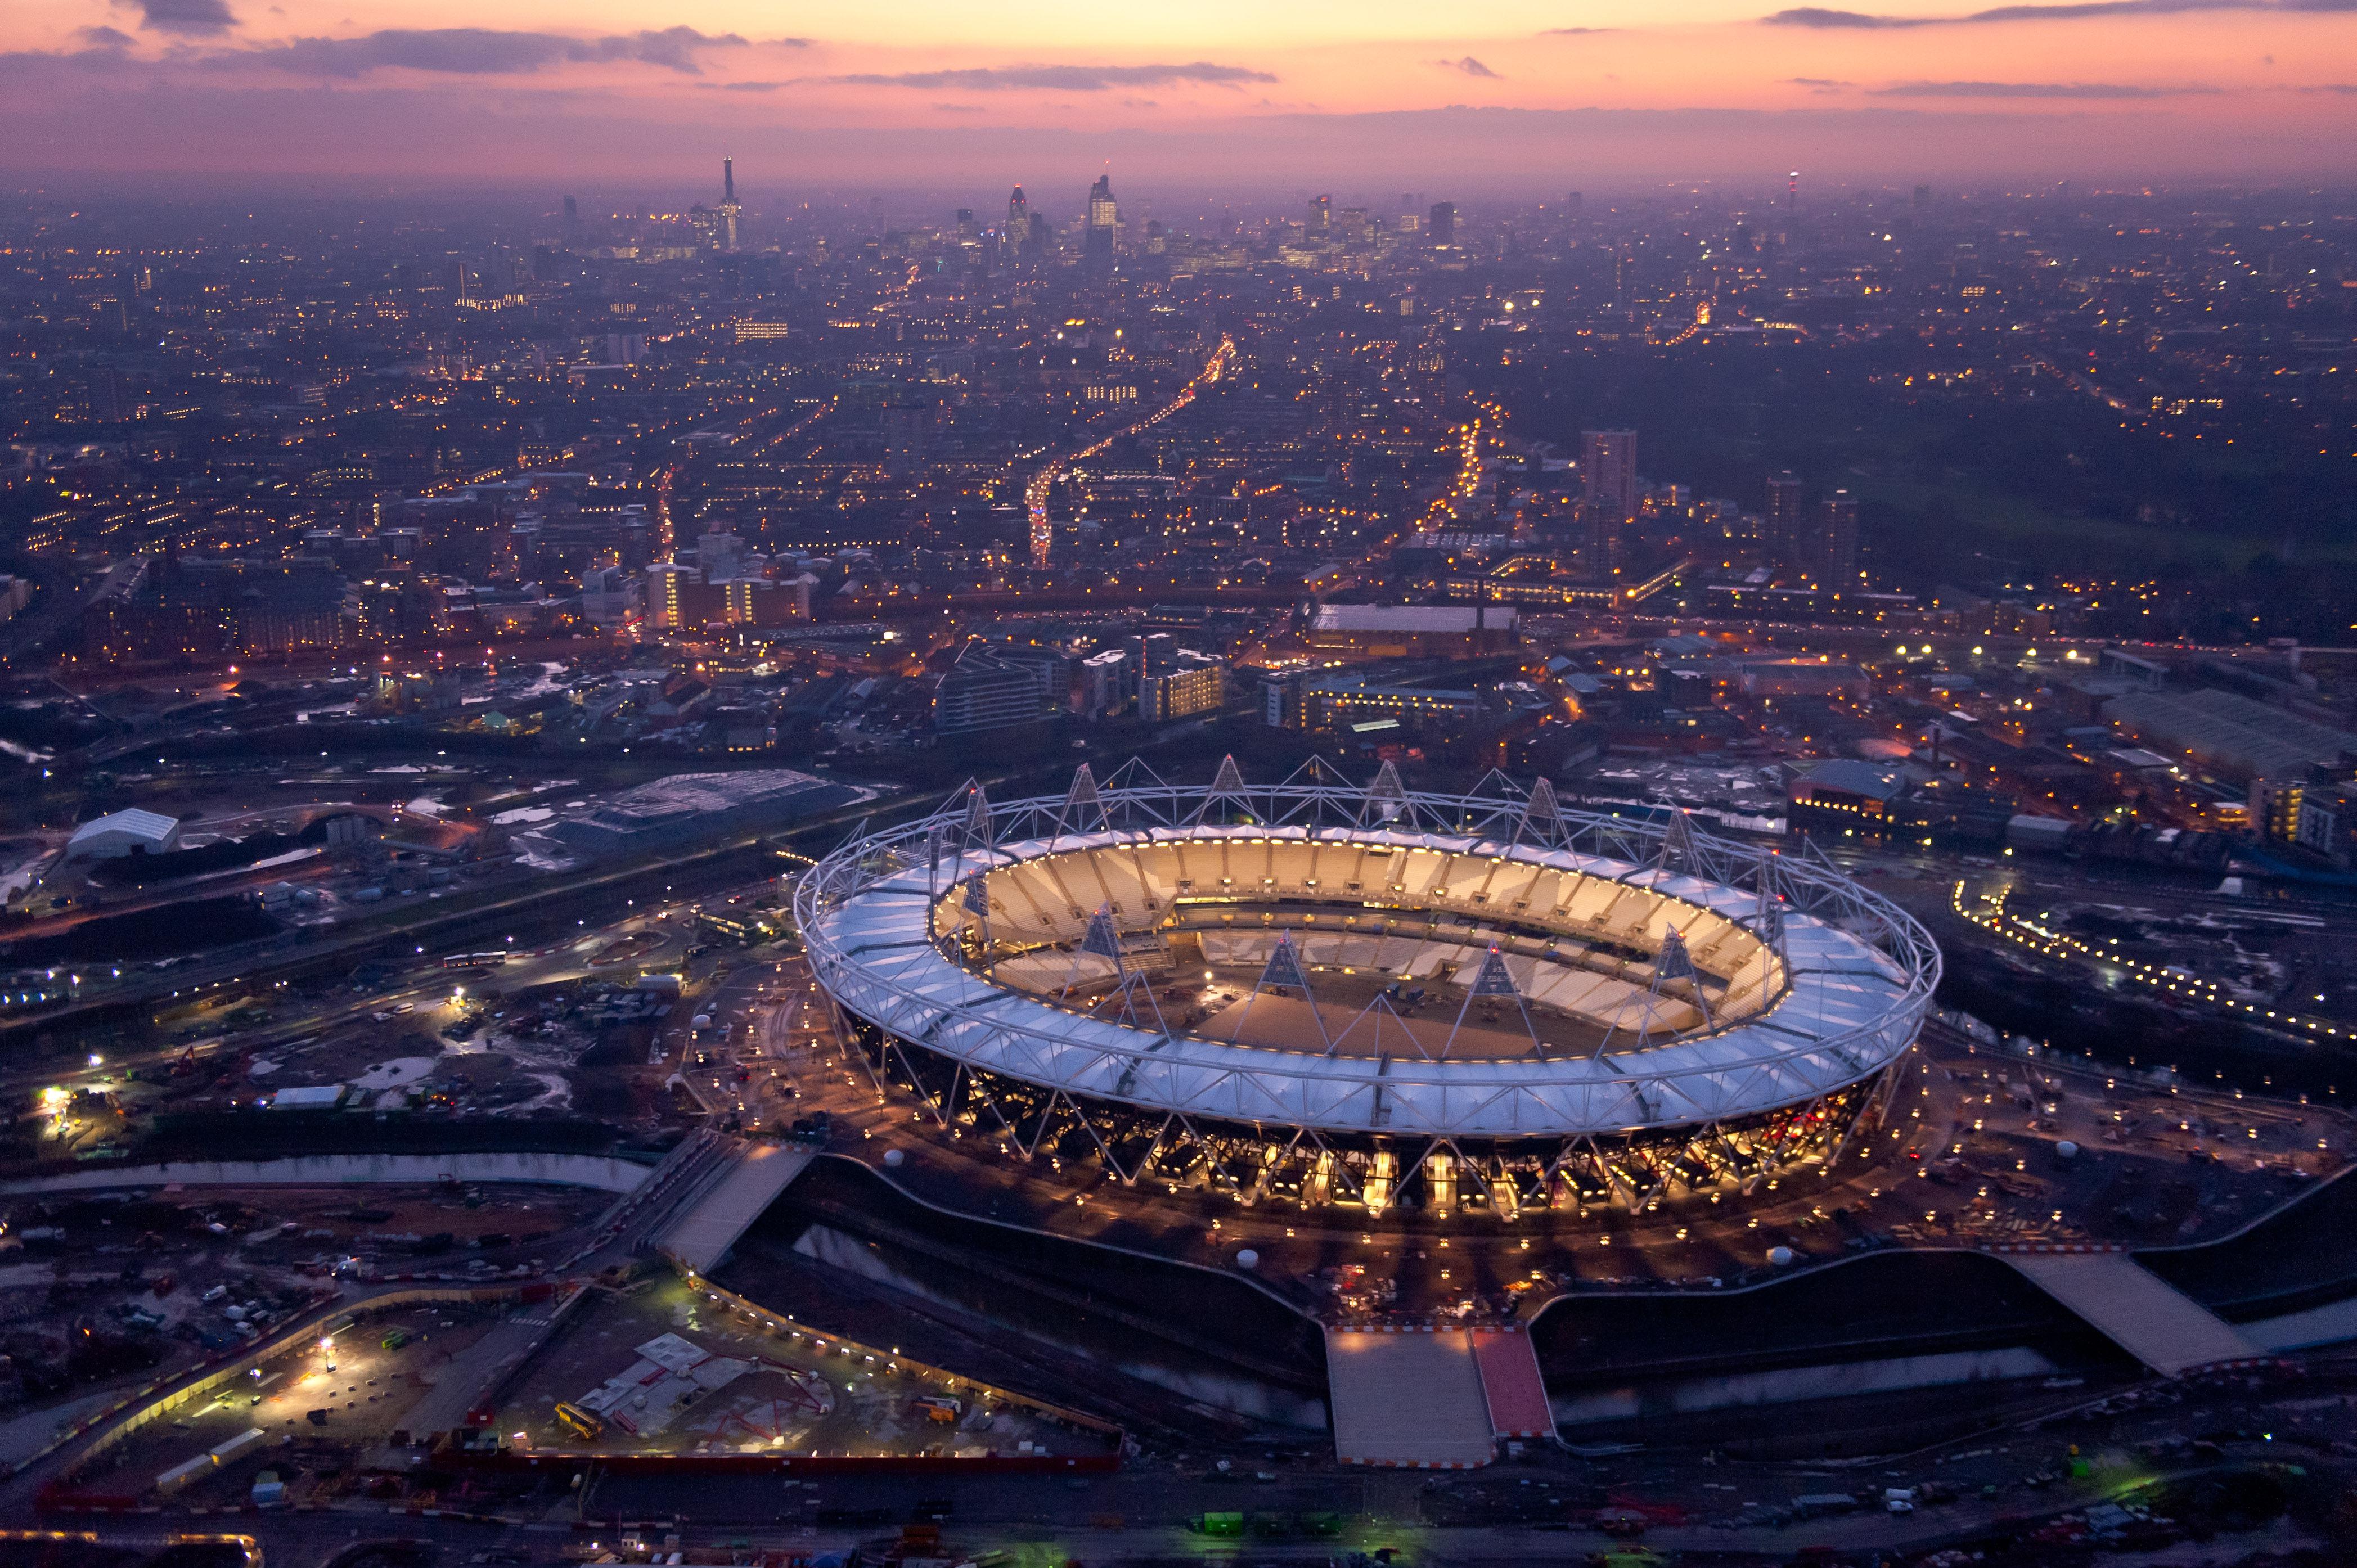 ¿Qué artista tocó en la ceremonia de apertura de los Juegos Olímpicos de Londres en 2012?